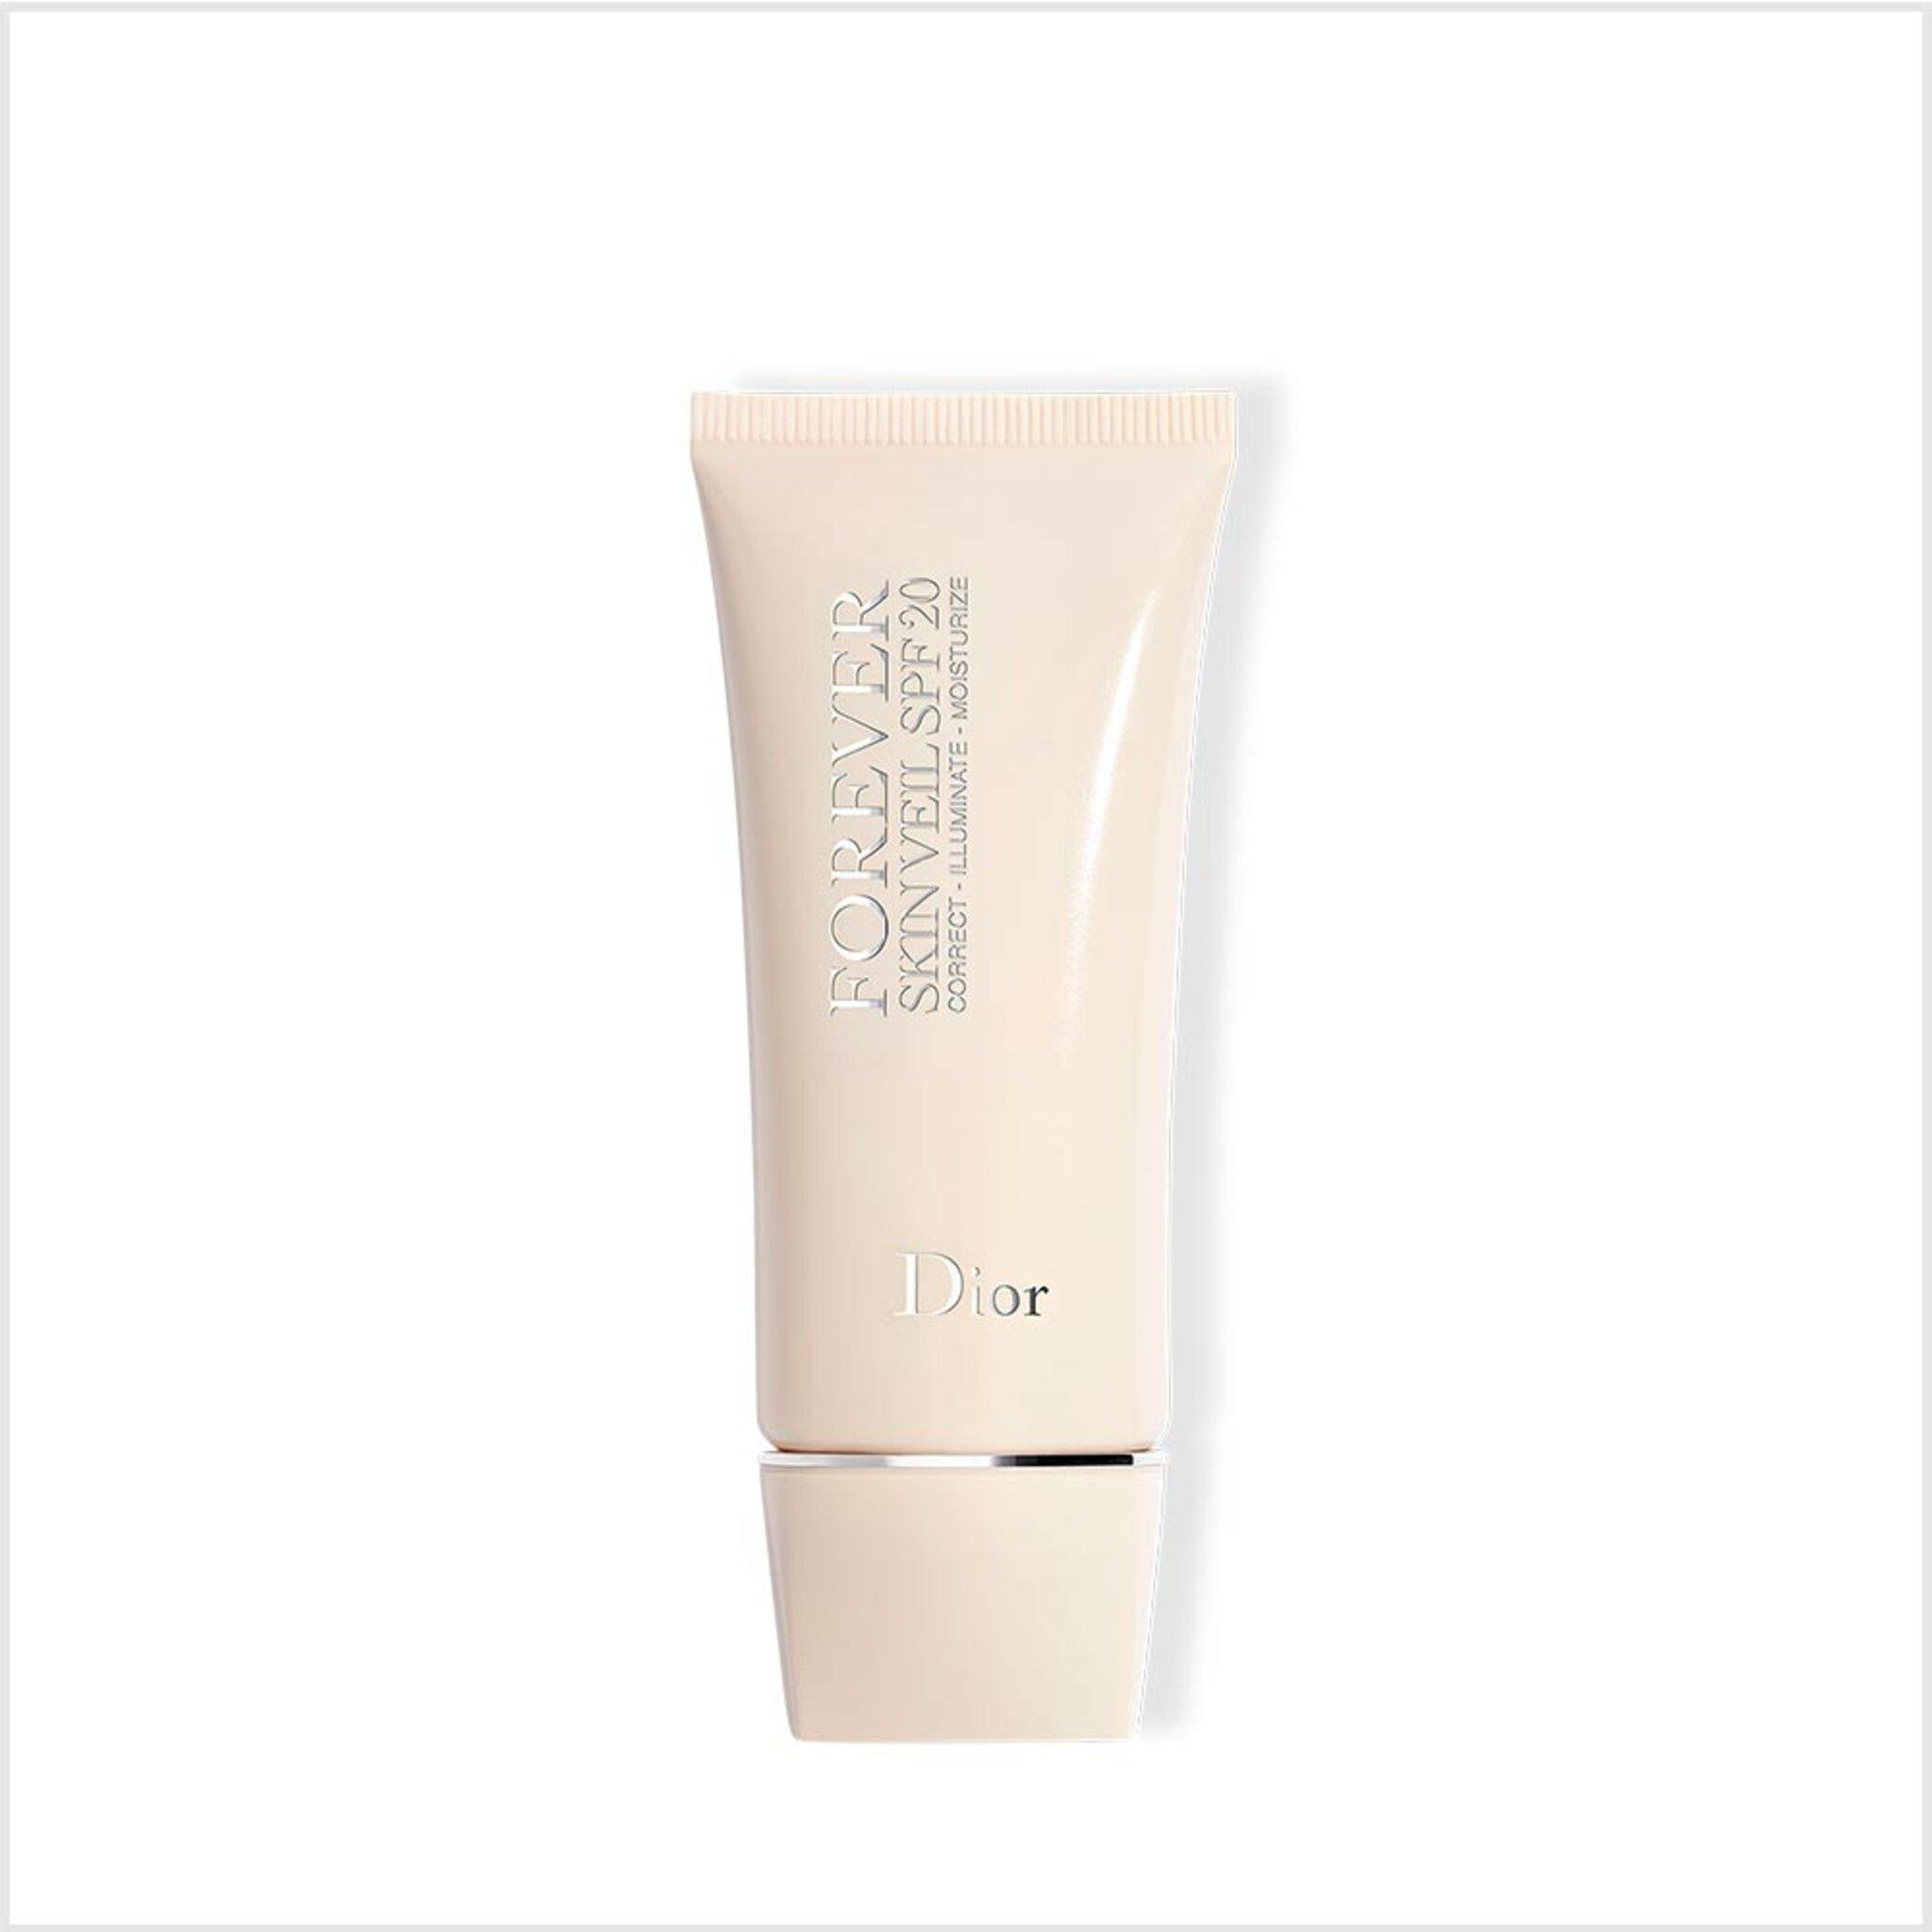 Dior Forever Skin Veil SPF 20